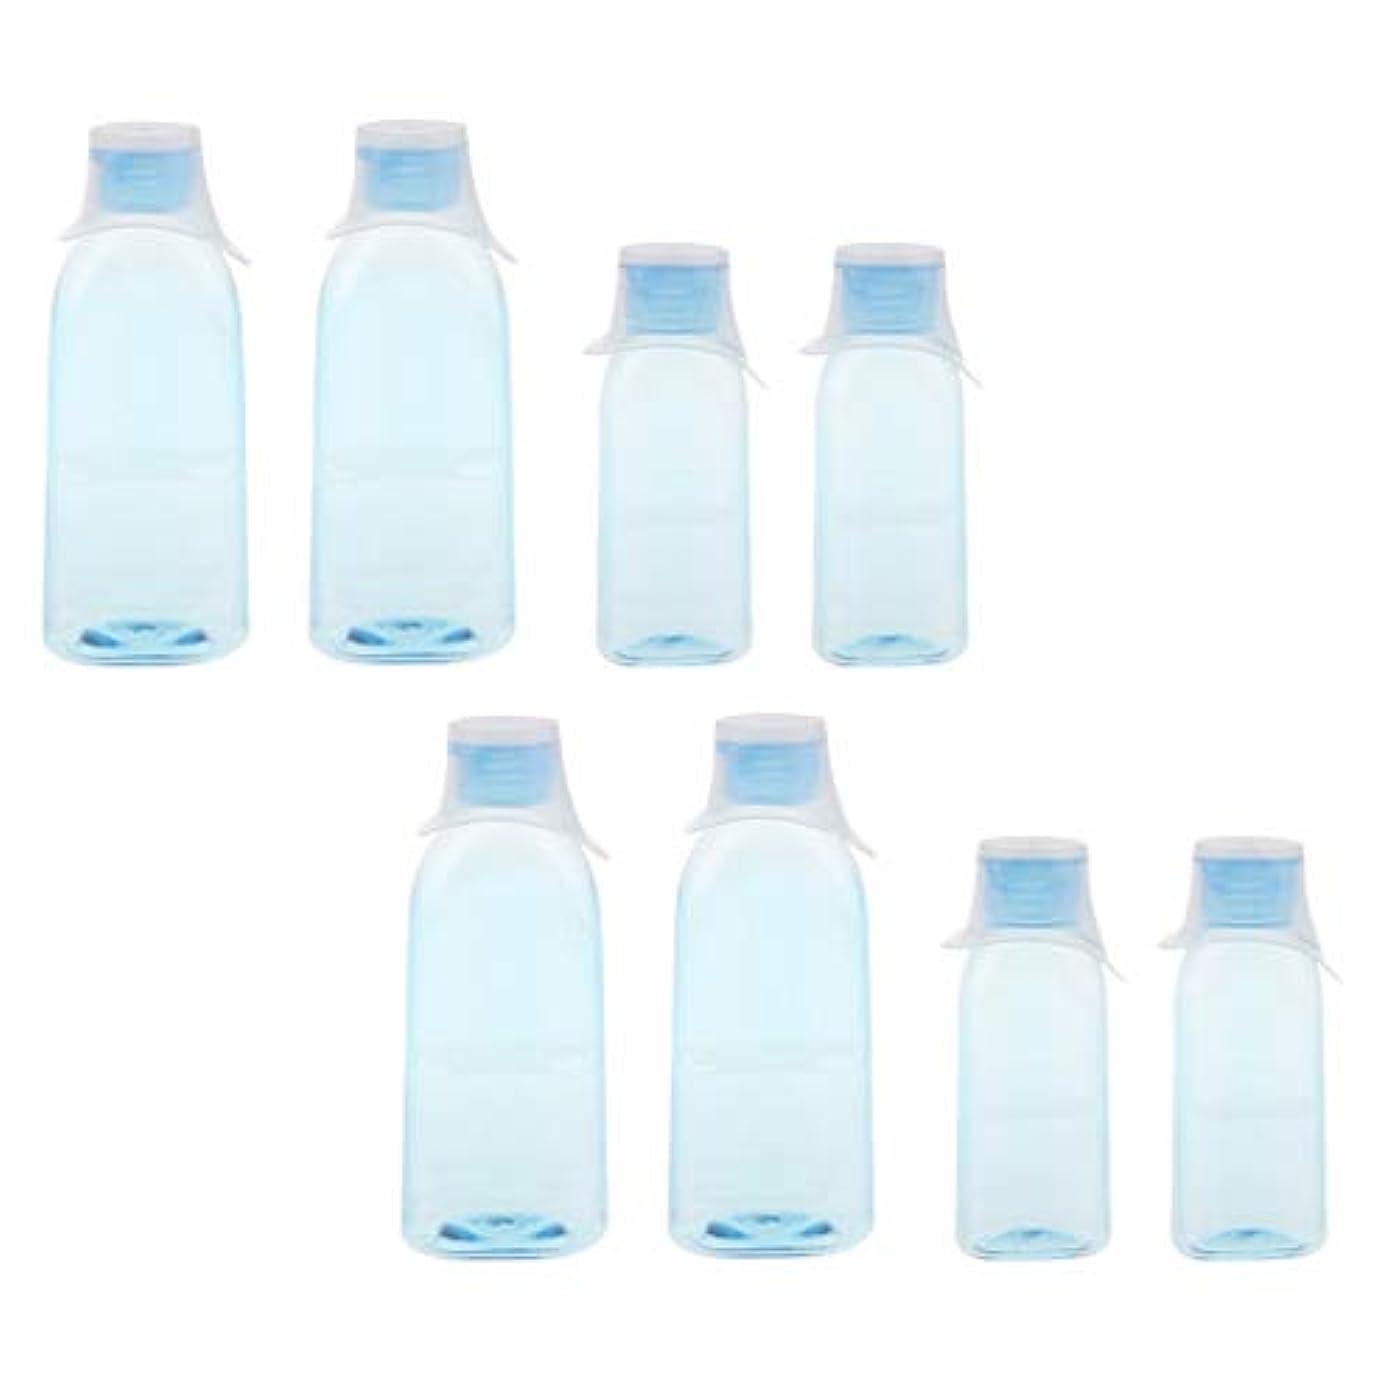 優勢朝食を食べる三十詰め替え 空旅行 マウスウォッシュボトル 洗眼カップ 容器 16個セット